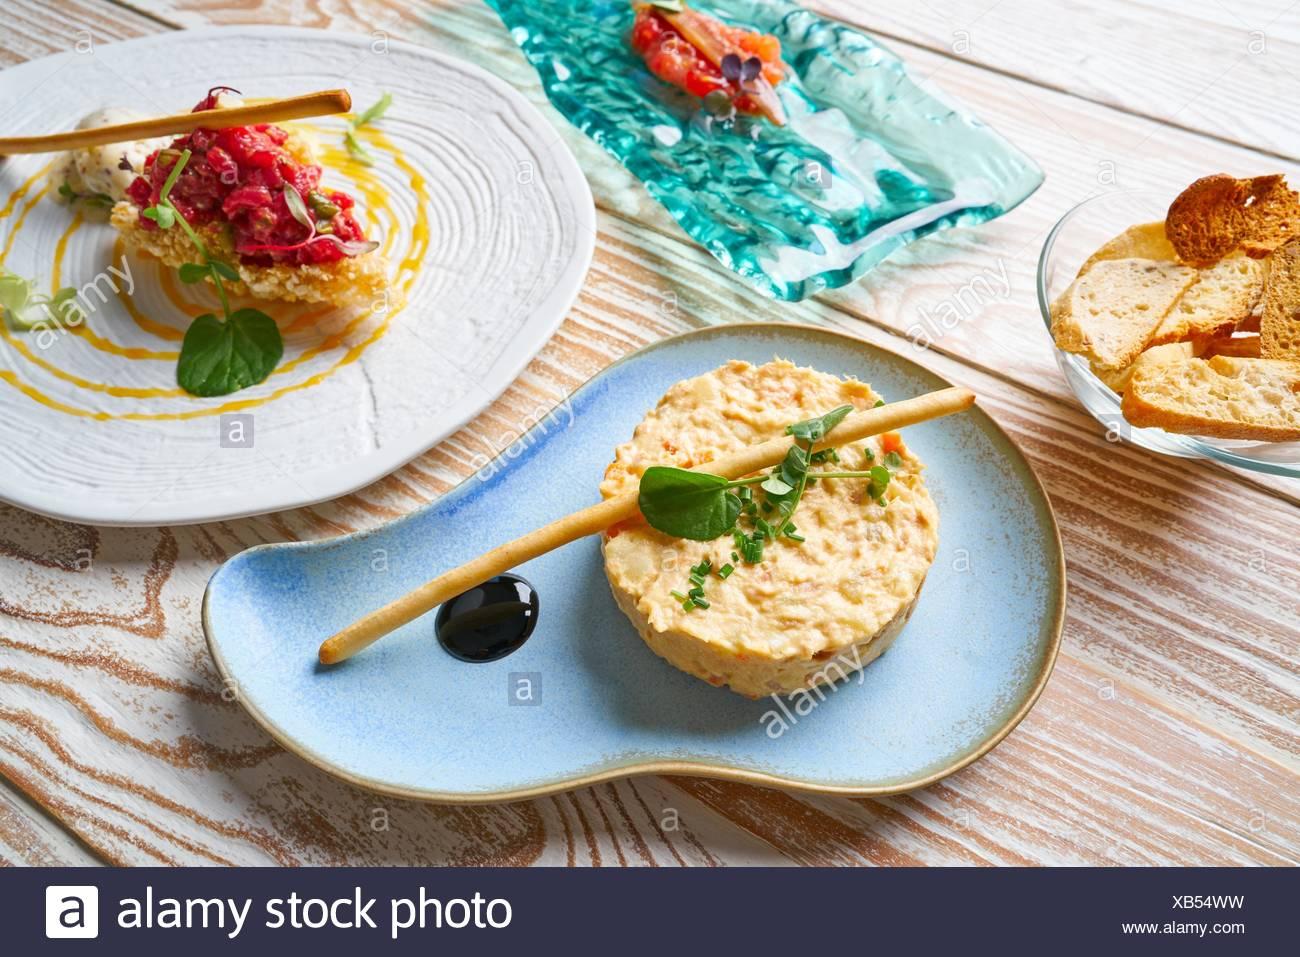 Cibo antipasti insalata di patate tartare di manzo e le acciughe con pomodoro Tapas. Immagini Stock